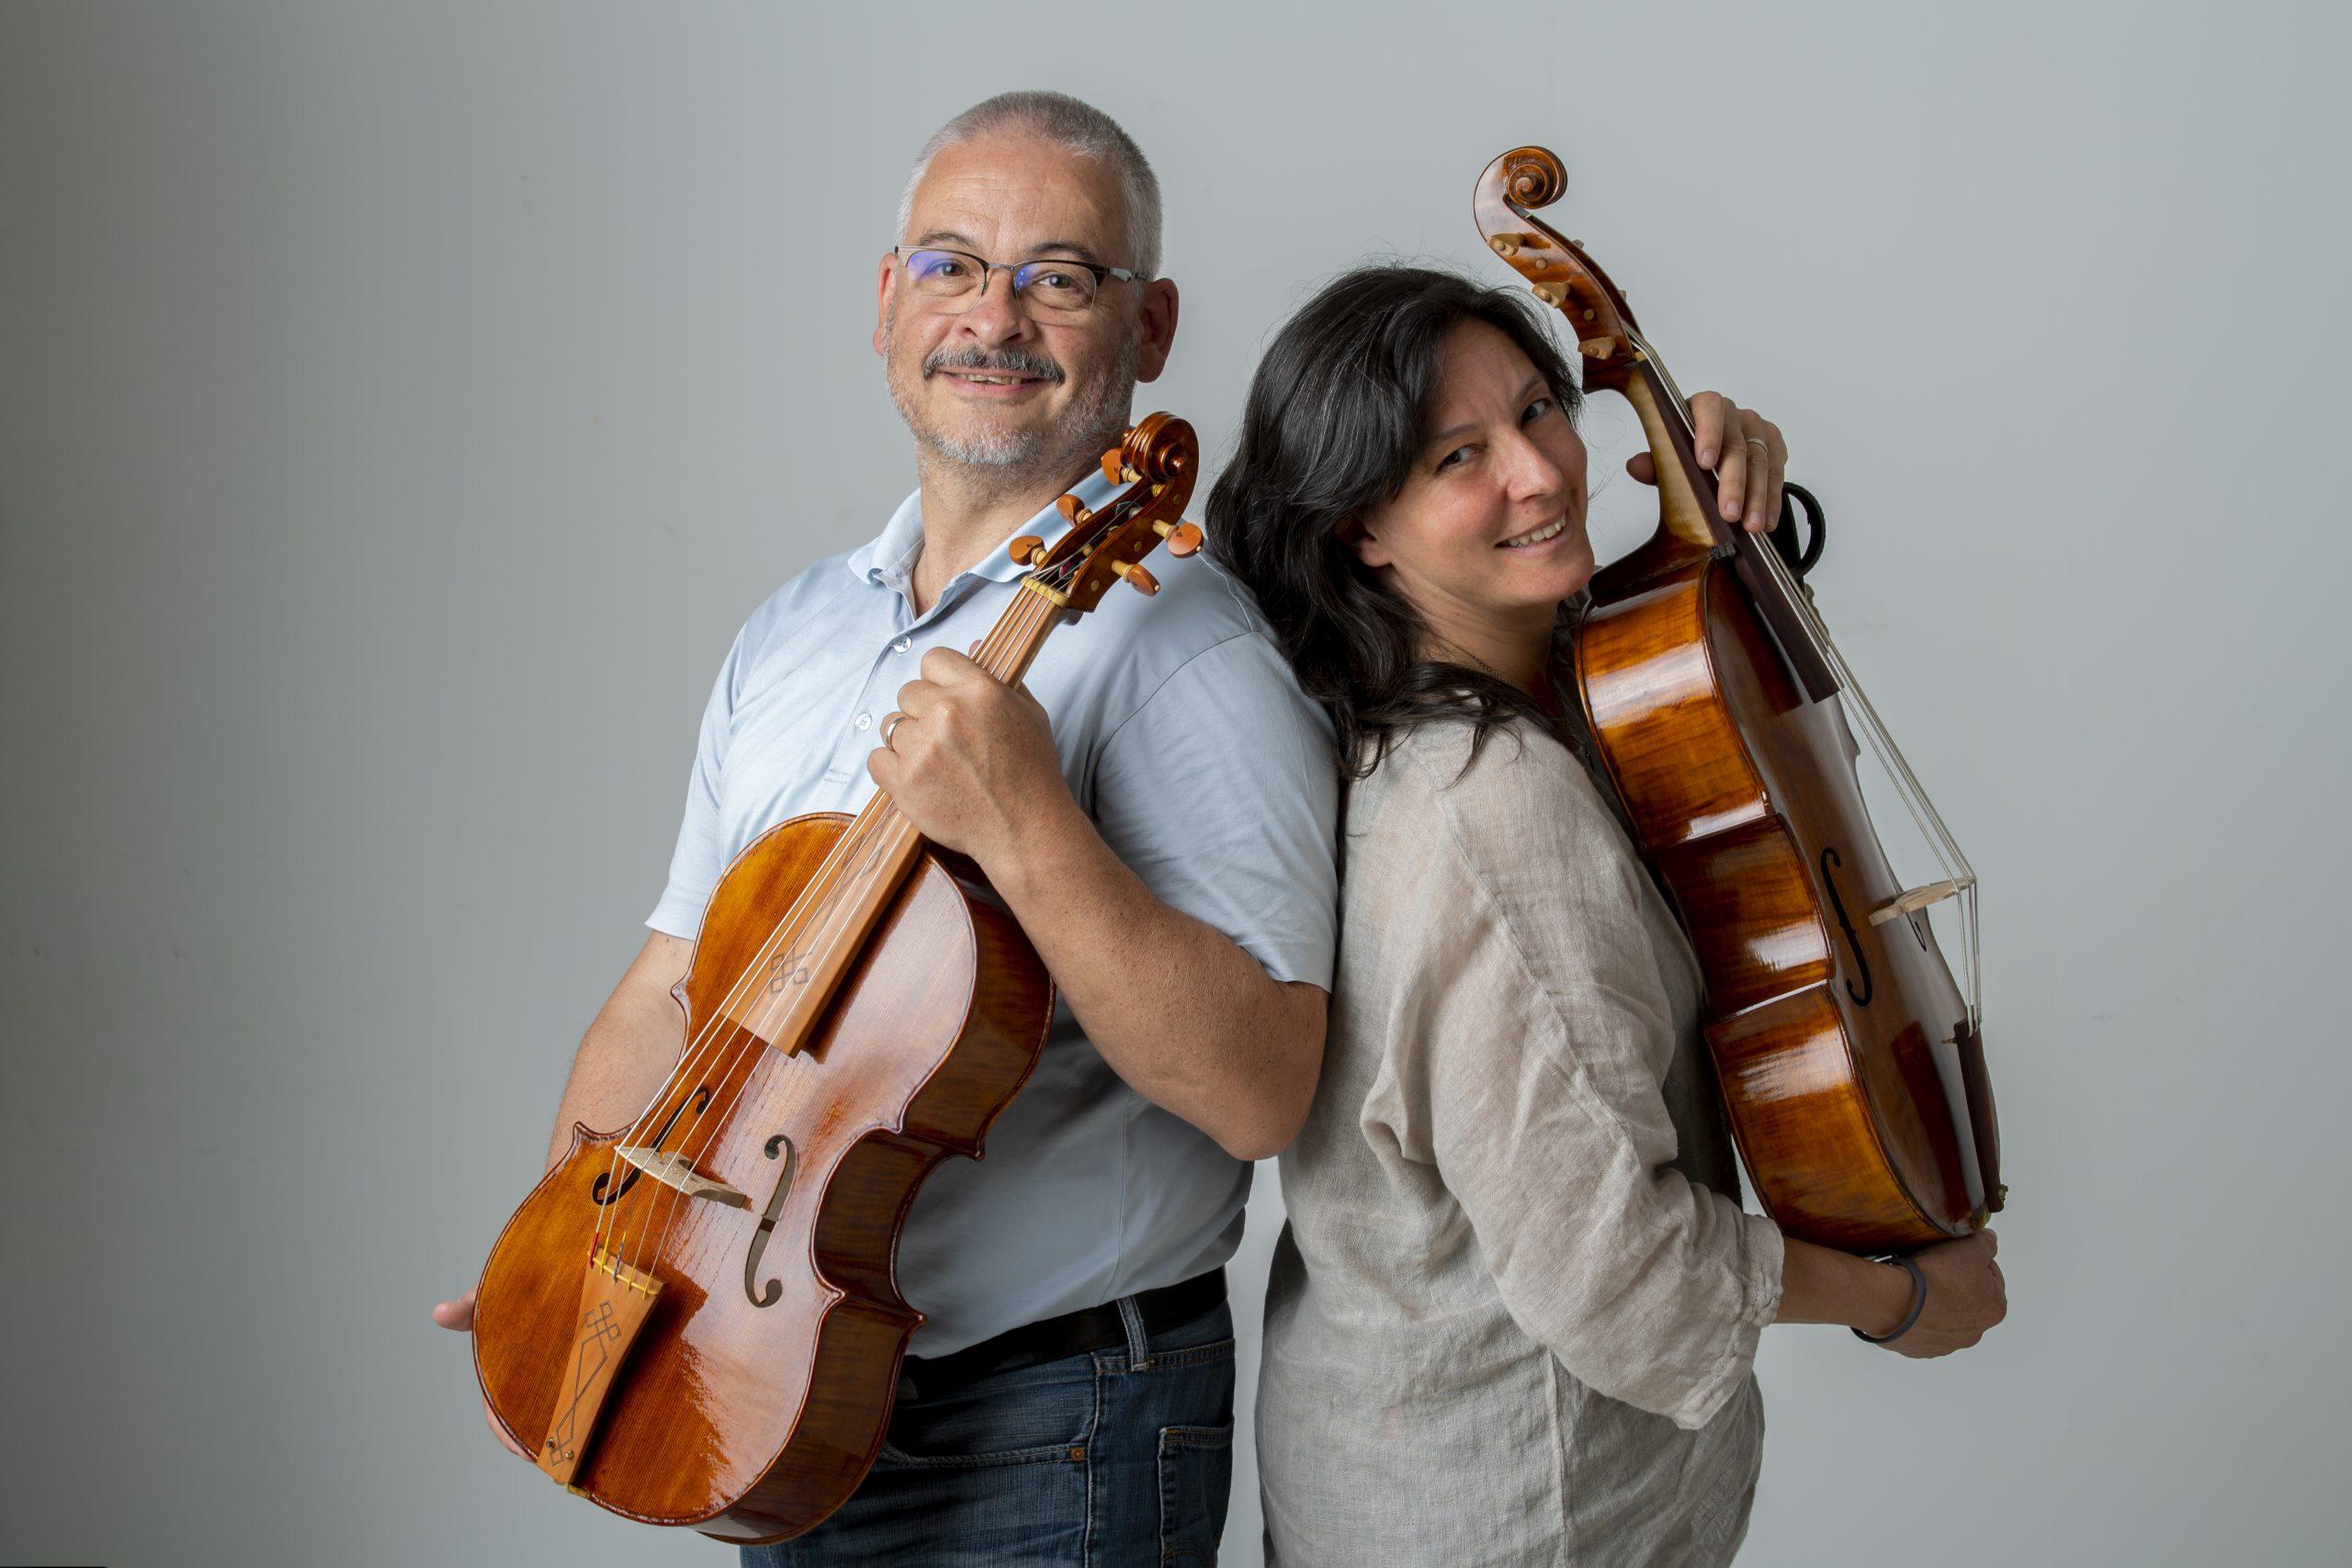 Alessandro Visintini e Daniela Gaidano violoncello da spalla makers